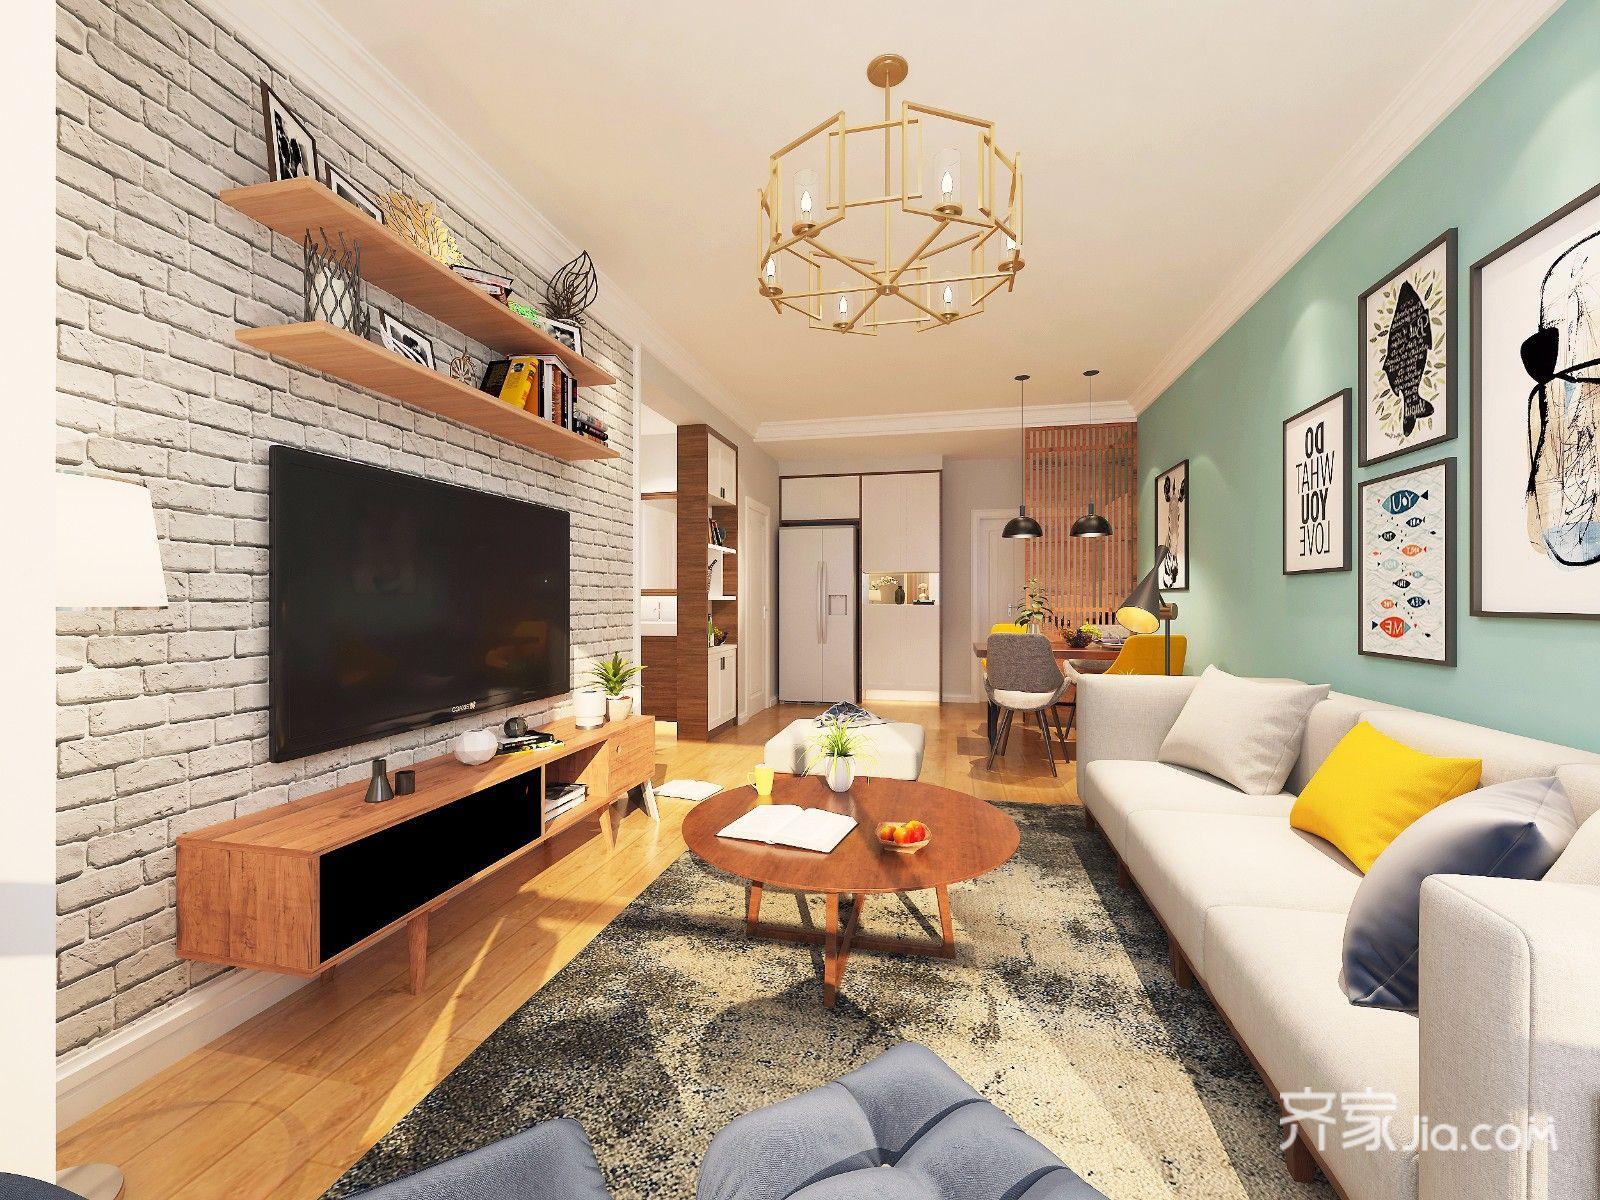 客厅沙发背景墙.北欧原木风格,清新舒适.